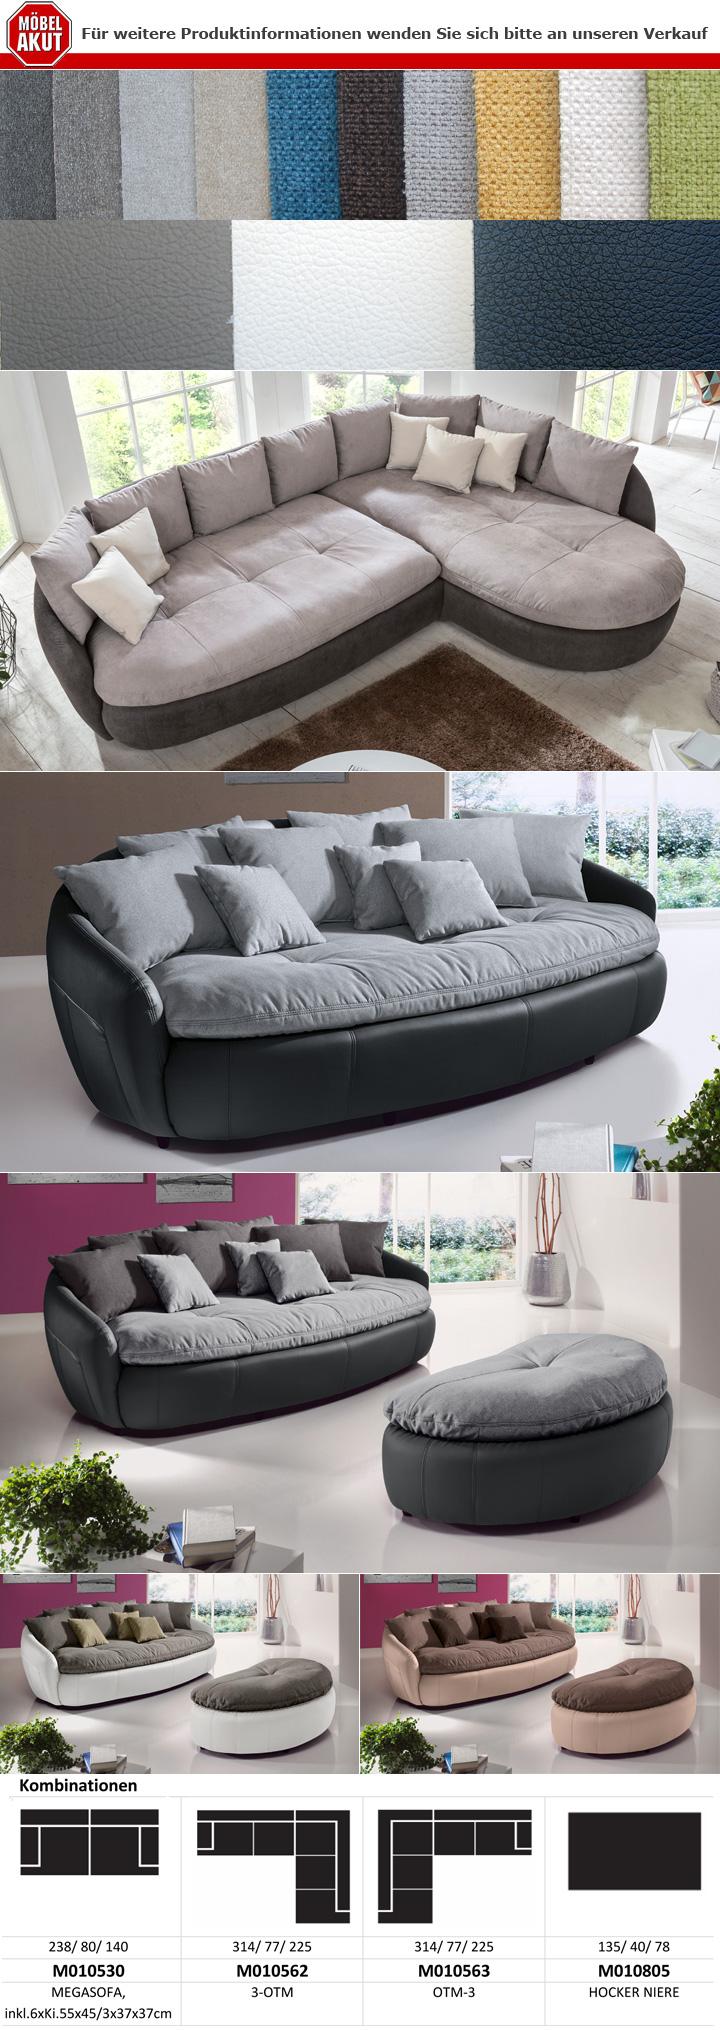 Full Size of Megasofa Crasus Bigsofa Xxl Sofa Couch In Schwarz Und Grau Inkl 9 Wohnzimmer Megasofa Aruba